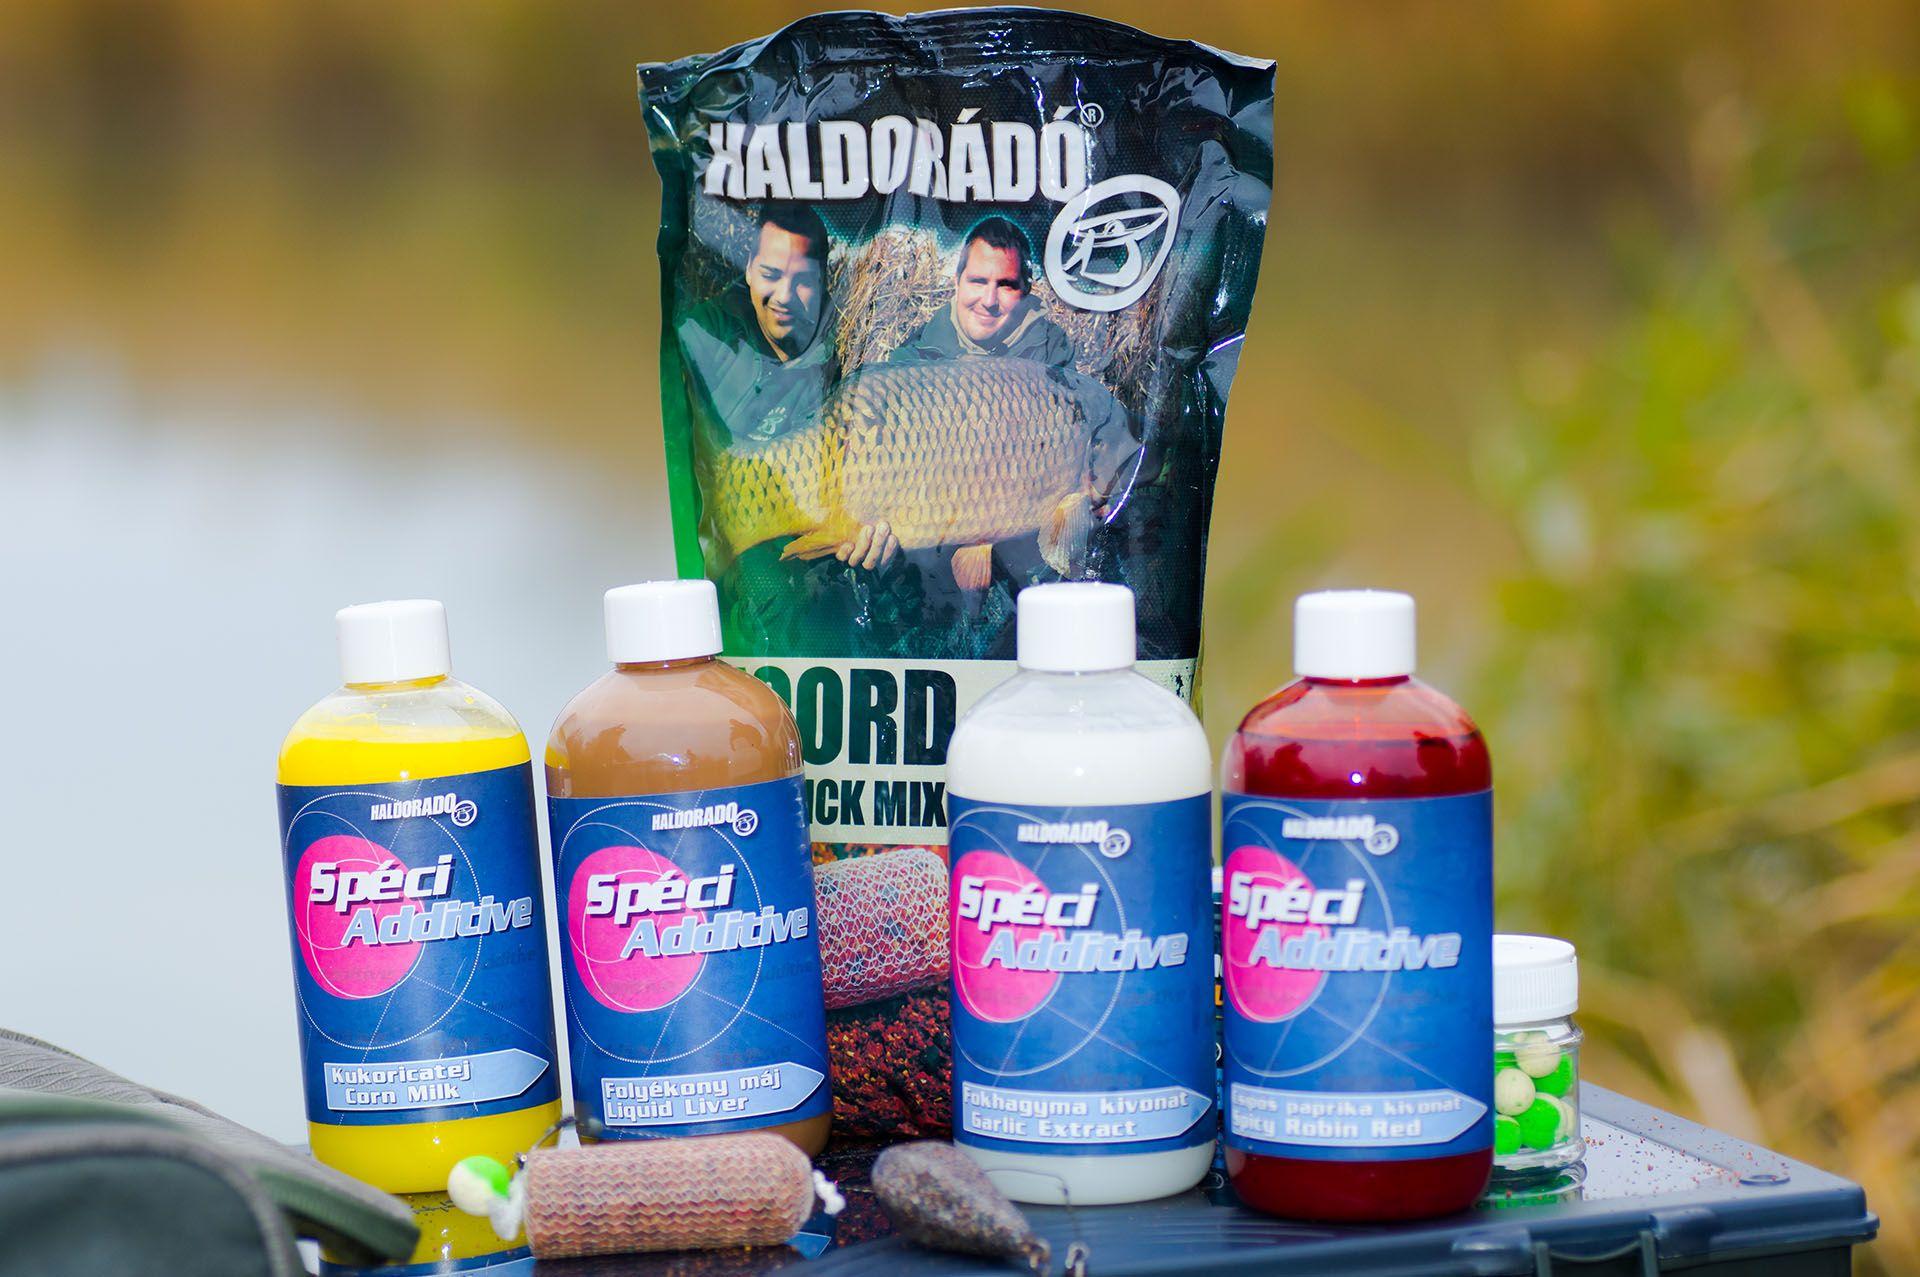 Haldorádó SpéciAdditive család a Haldorádó 2018-as meghatározó újdonságainak egyike. Ezek nem mesterséges folyékony aromák, hanem olyan természetes növényi és állati kivonatok, amelyeket bizonyítottan szeretnek a pontyok